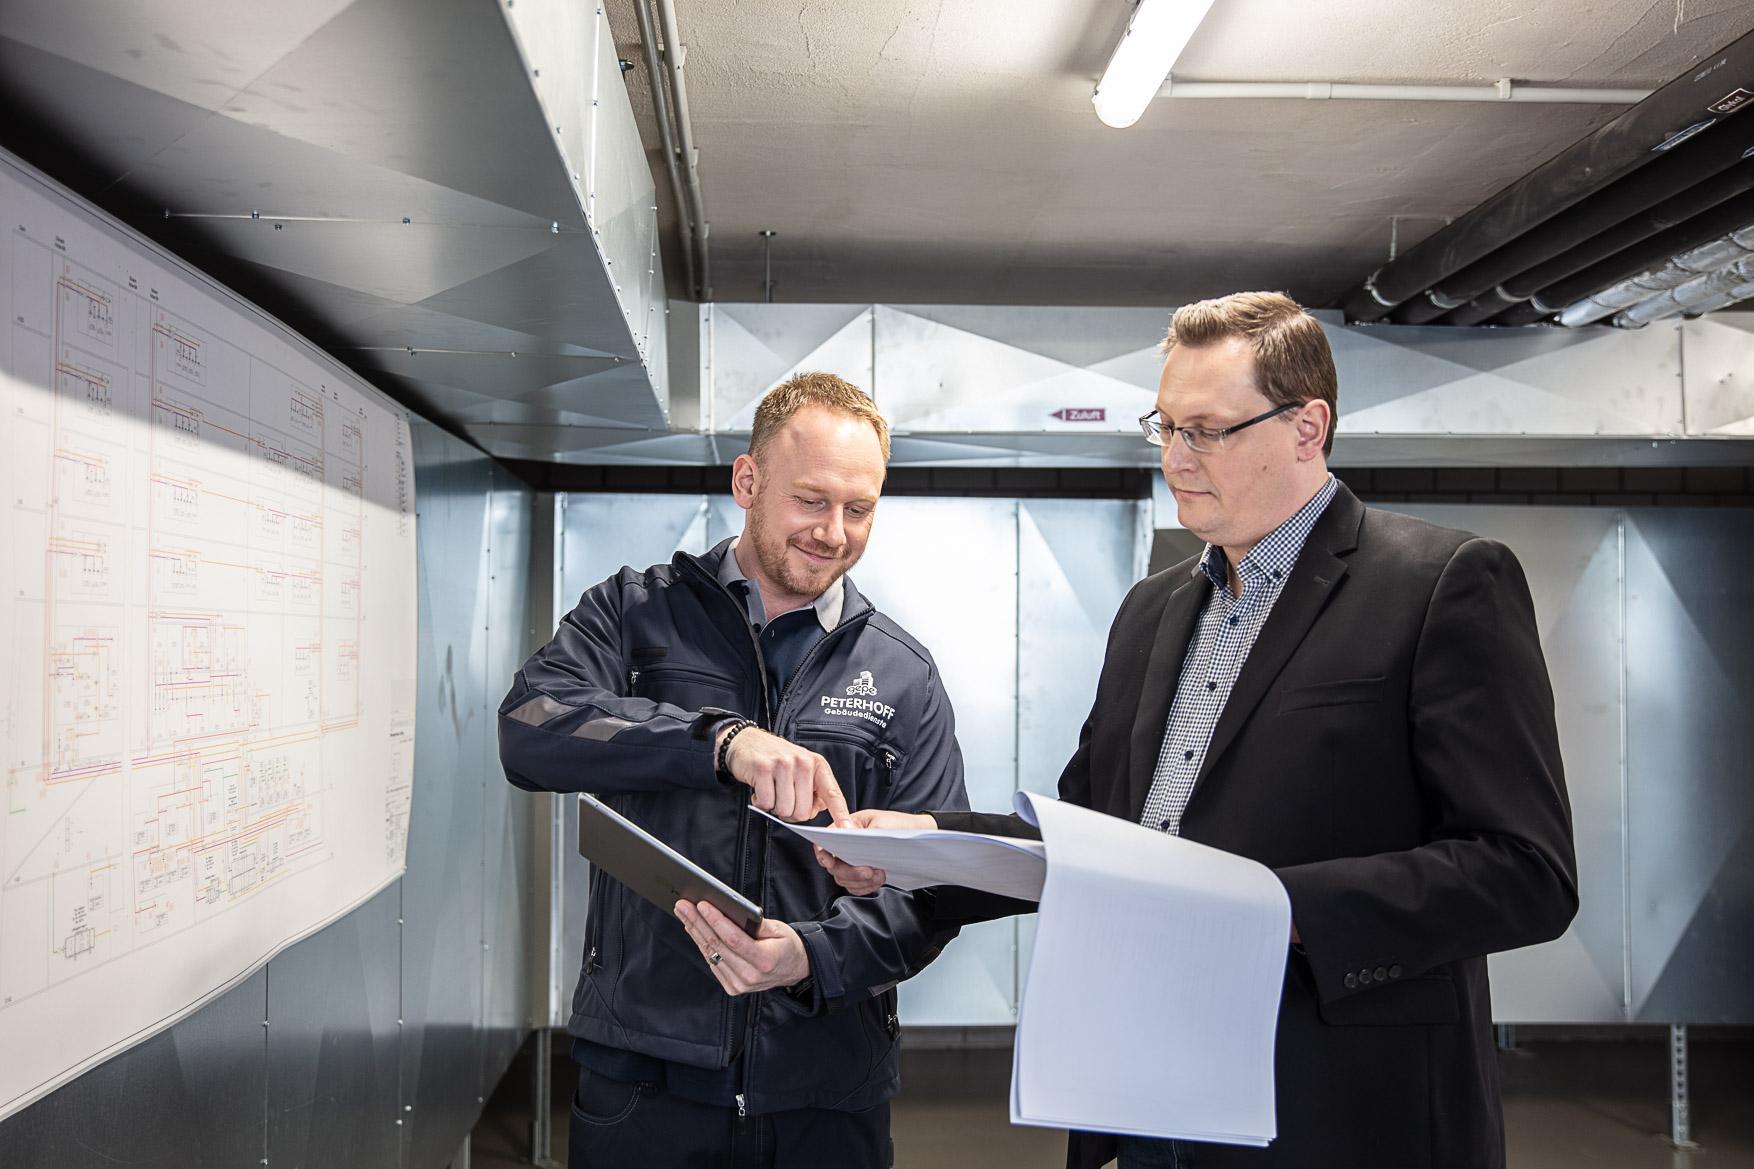 Analyse und Dokumentation - Gebäudemanagement bei gepe Gebäudedienste Peterhoff GmbH